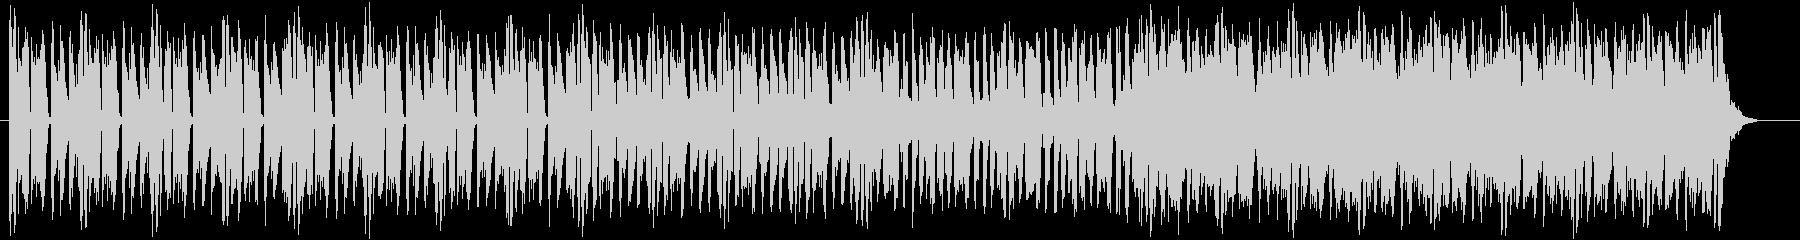 キレよく軽い音色のミュージックの未再生の波形